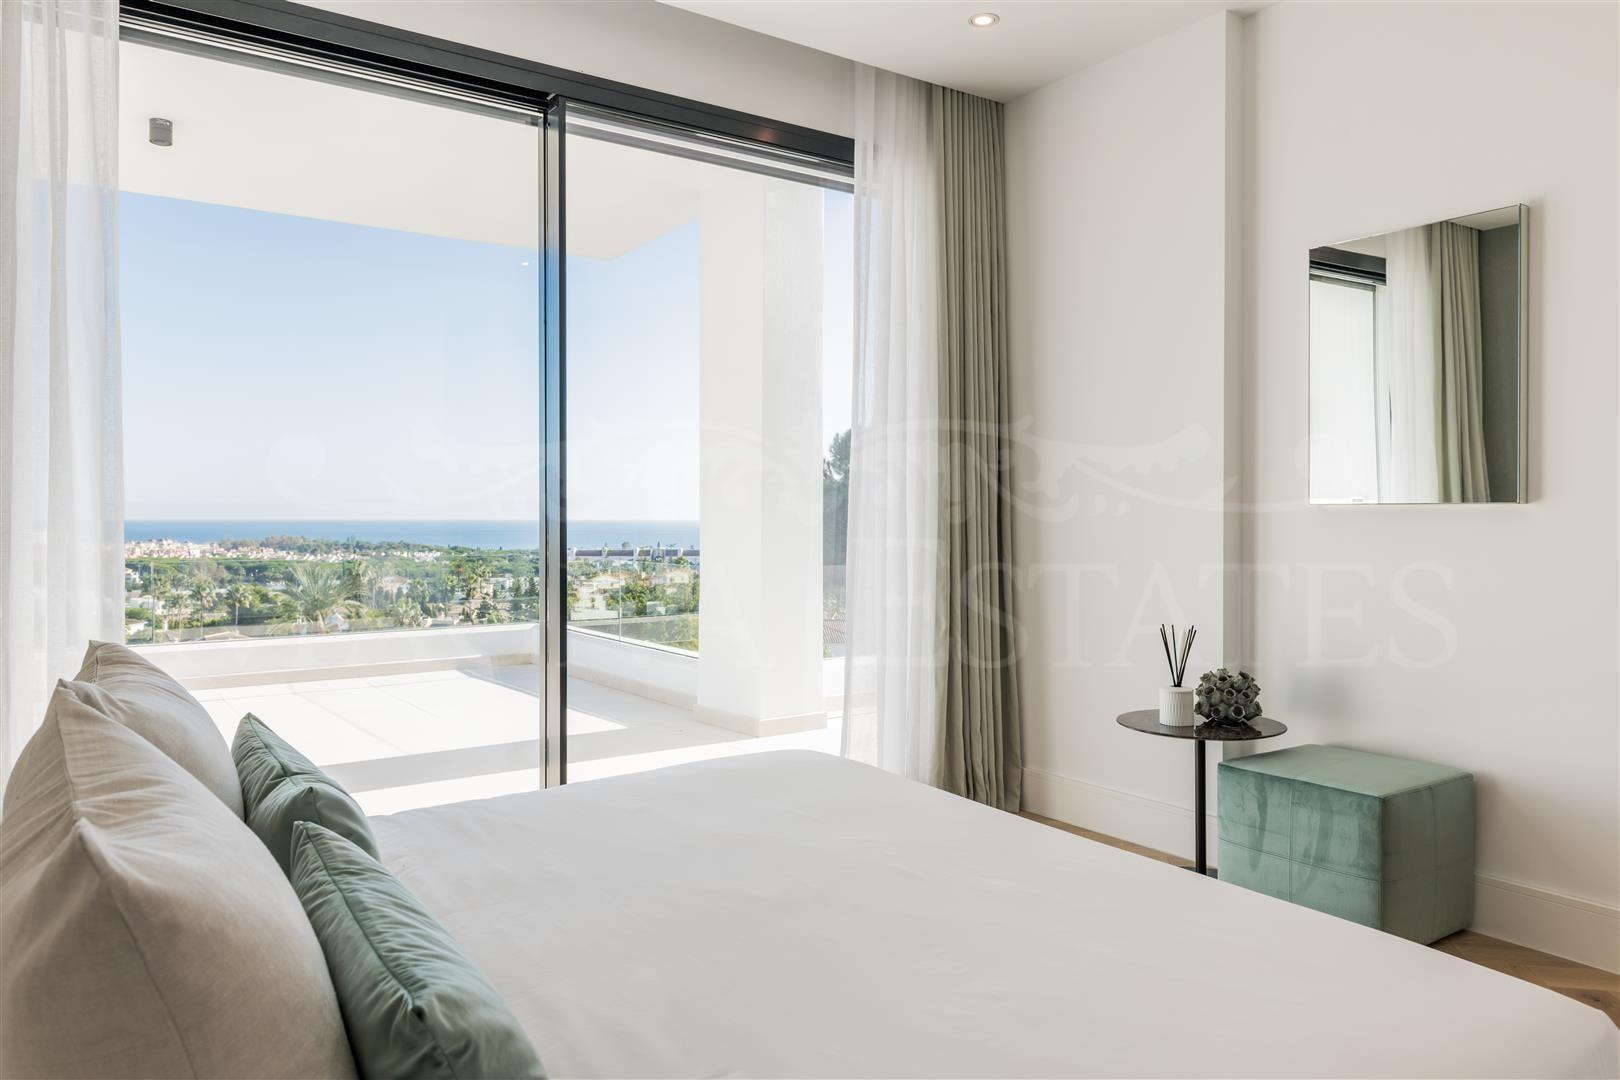 Brand new contemporary style villa with sea views in El Paraíso, Estepona